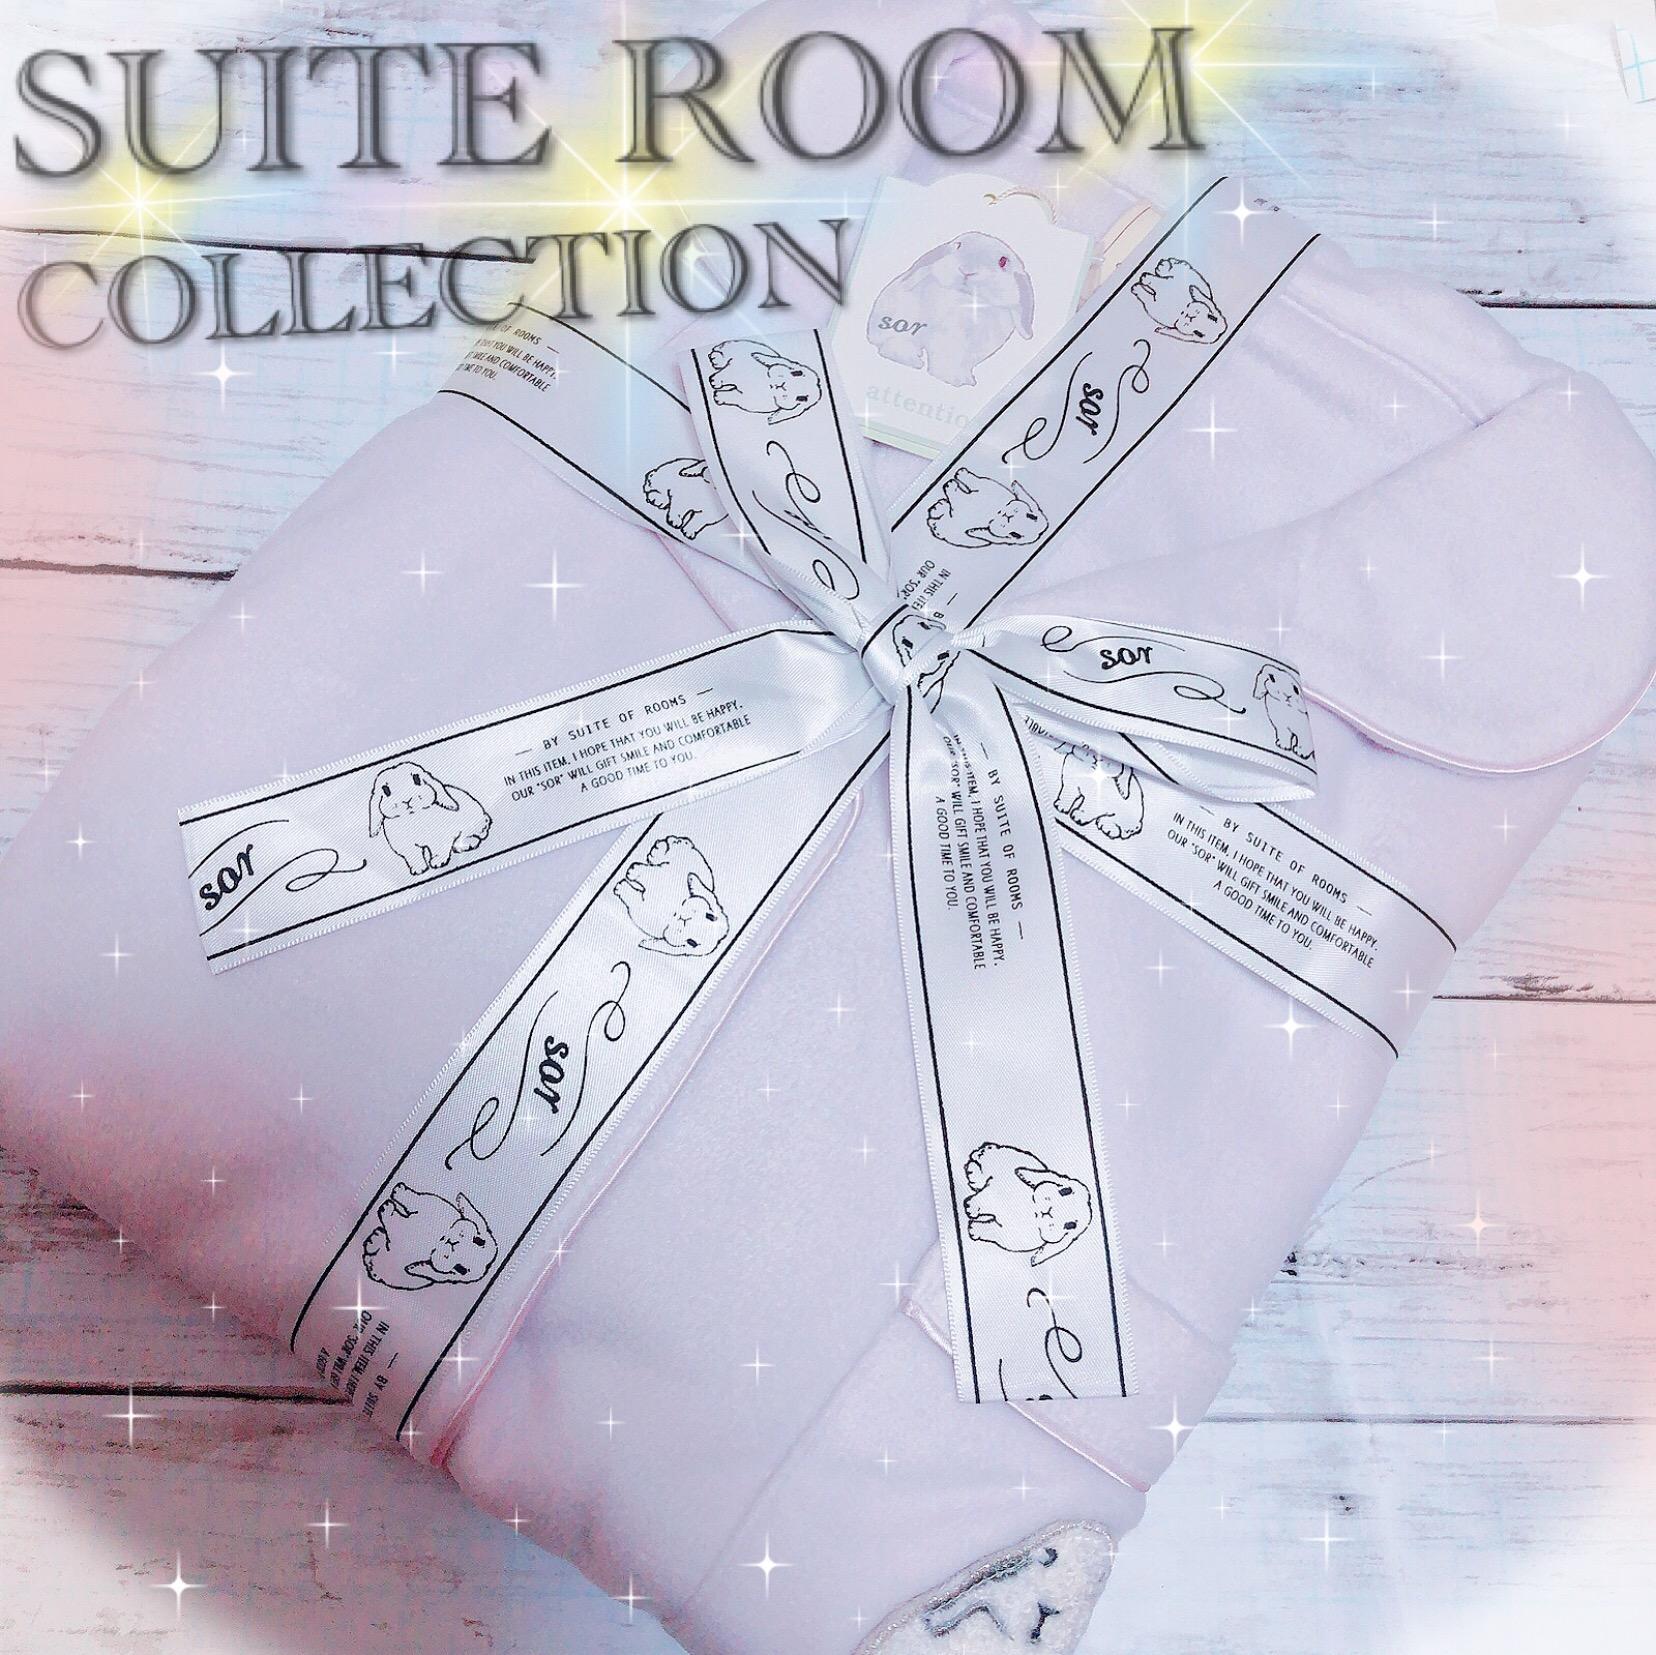 うさぎさんが可愛い♡Suite of rooms スイートルームコレクション★うさぎの刺繍 フリース ワンピース♡_1